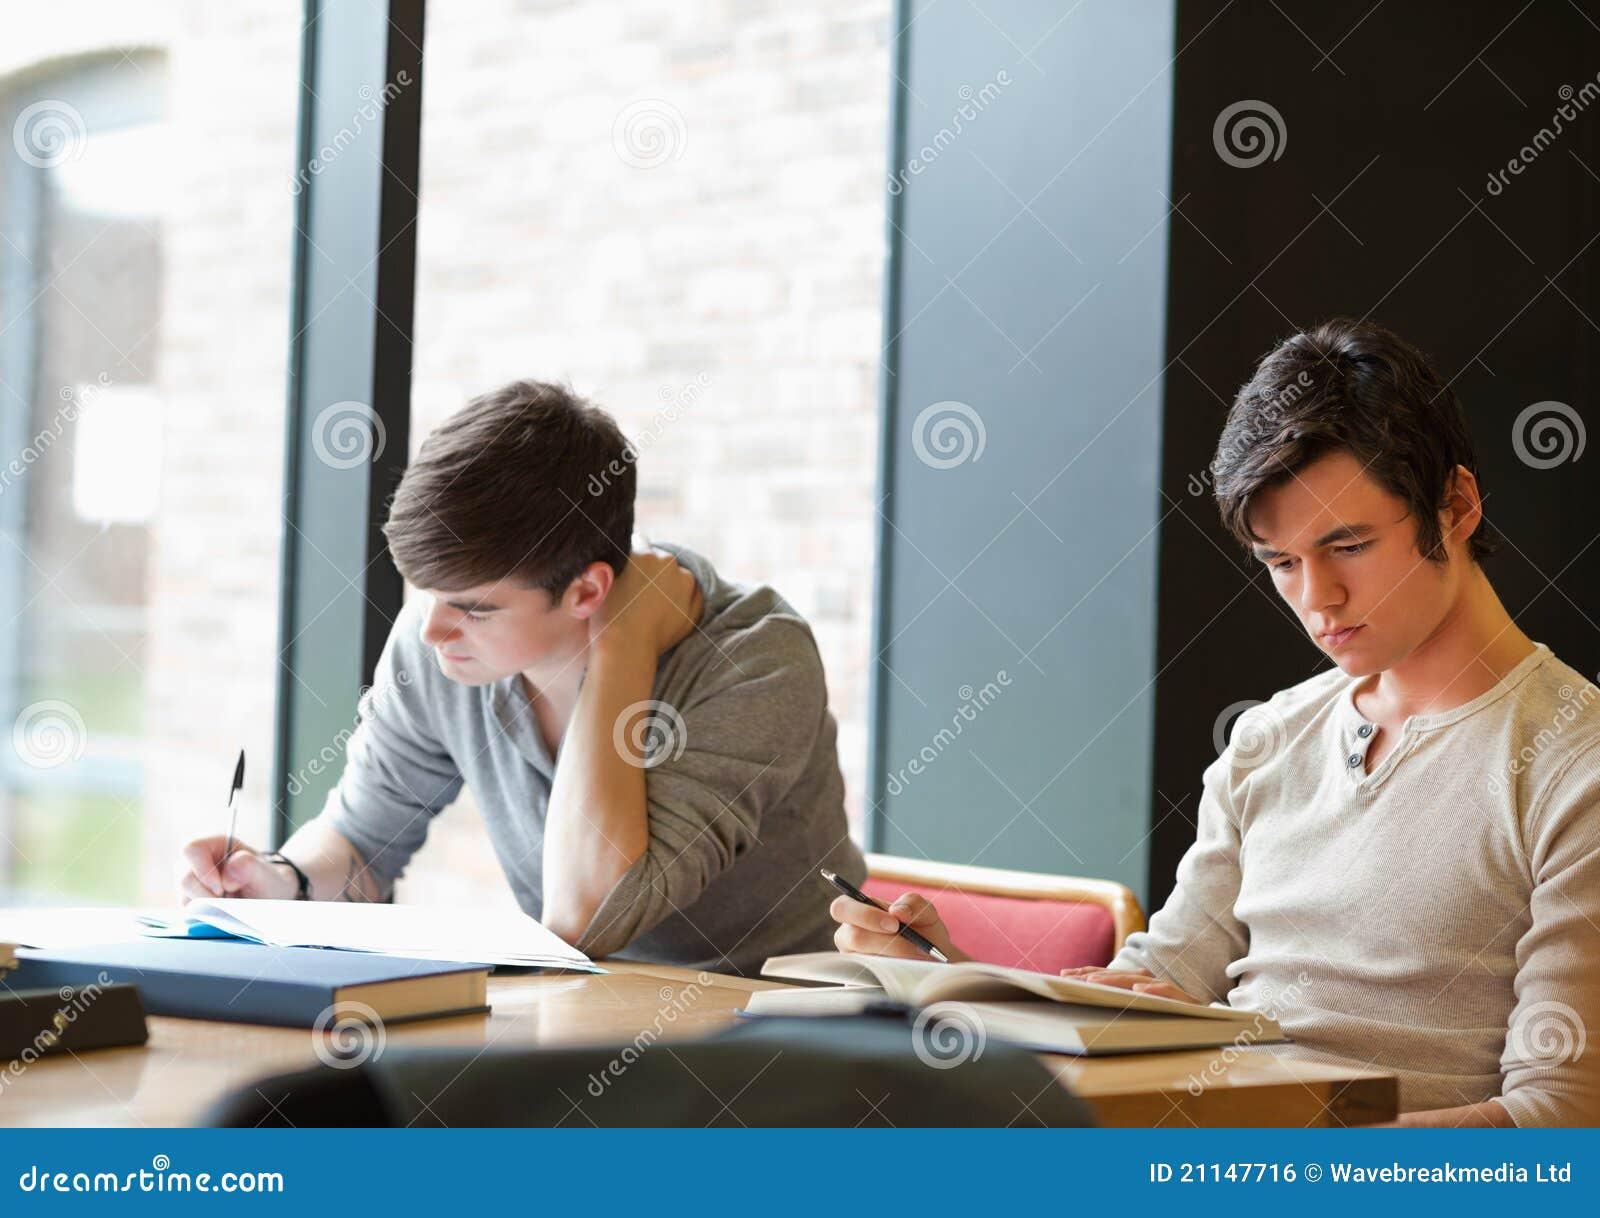 Zwei Kursteilnehmer, die an einer Anweisung arbeiten